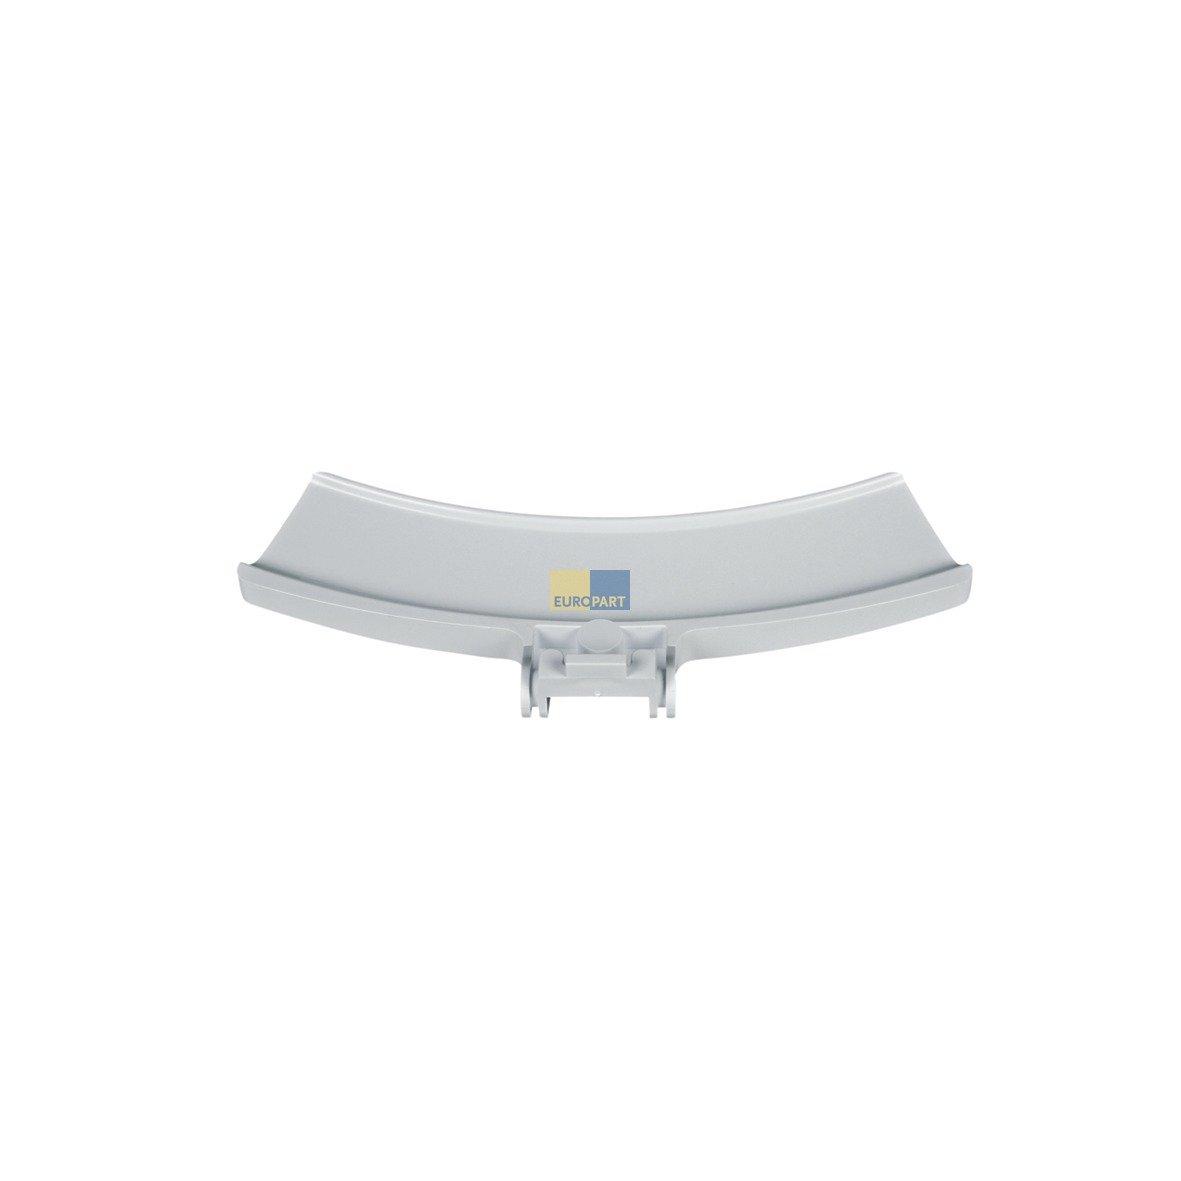 Electrolux - Maneta puerta secadora AEG T72580AC: Amazon.es: Hogar